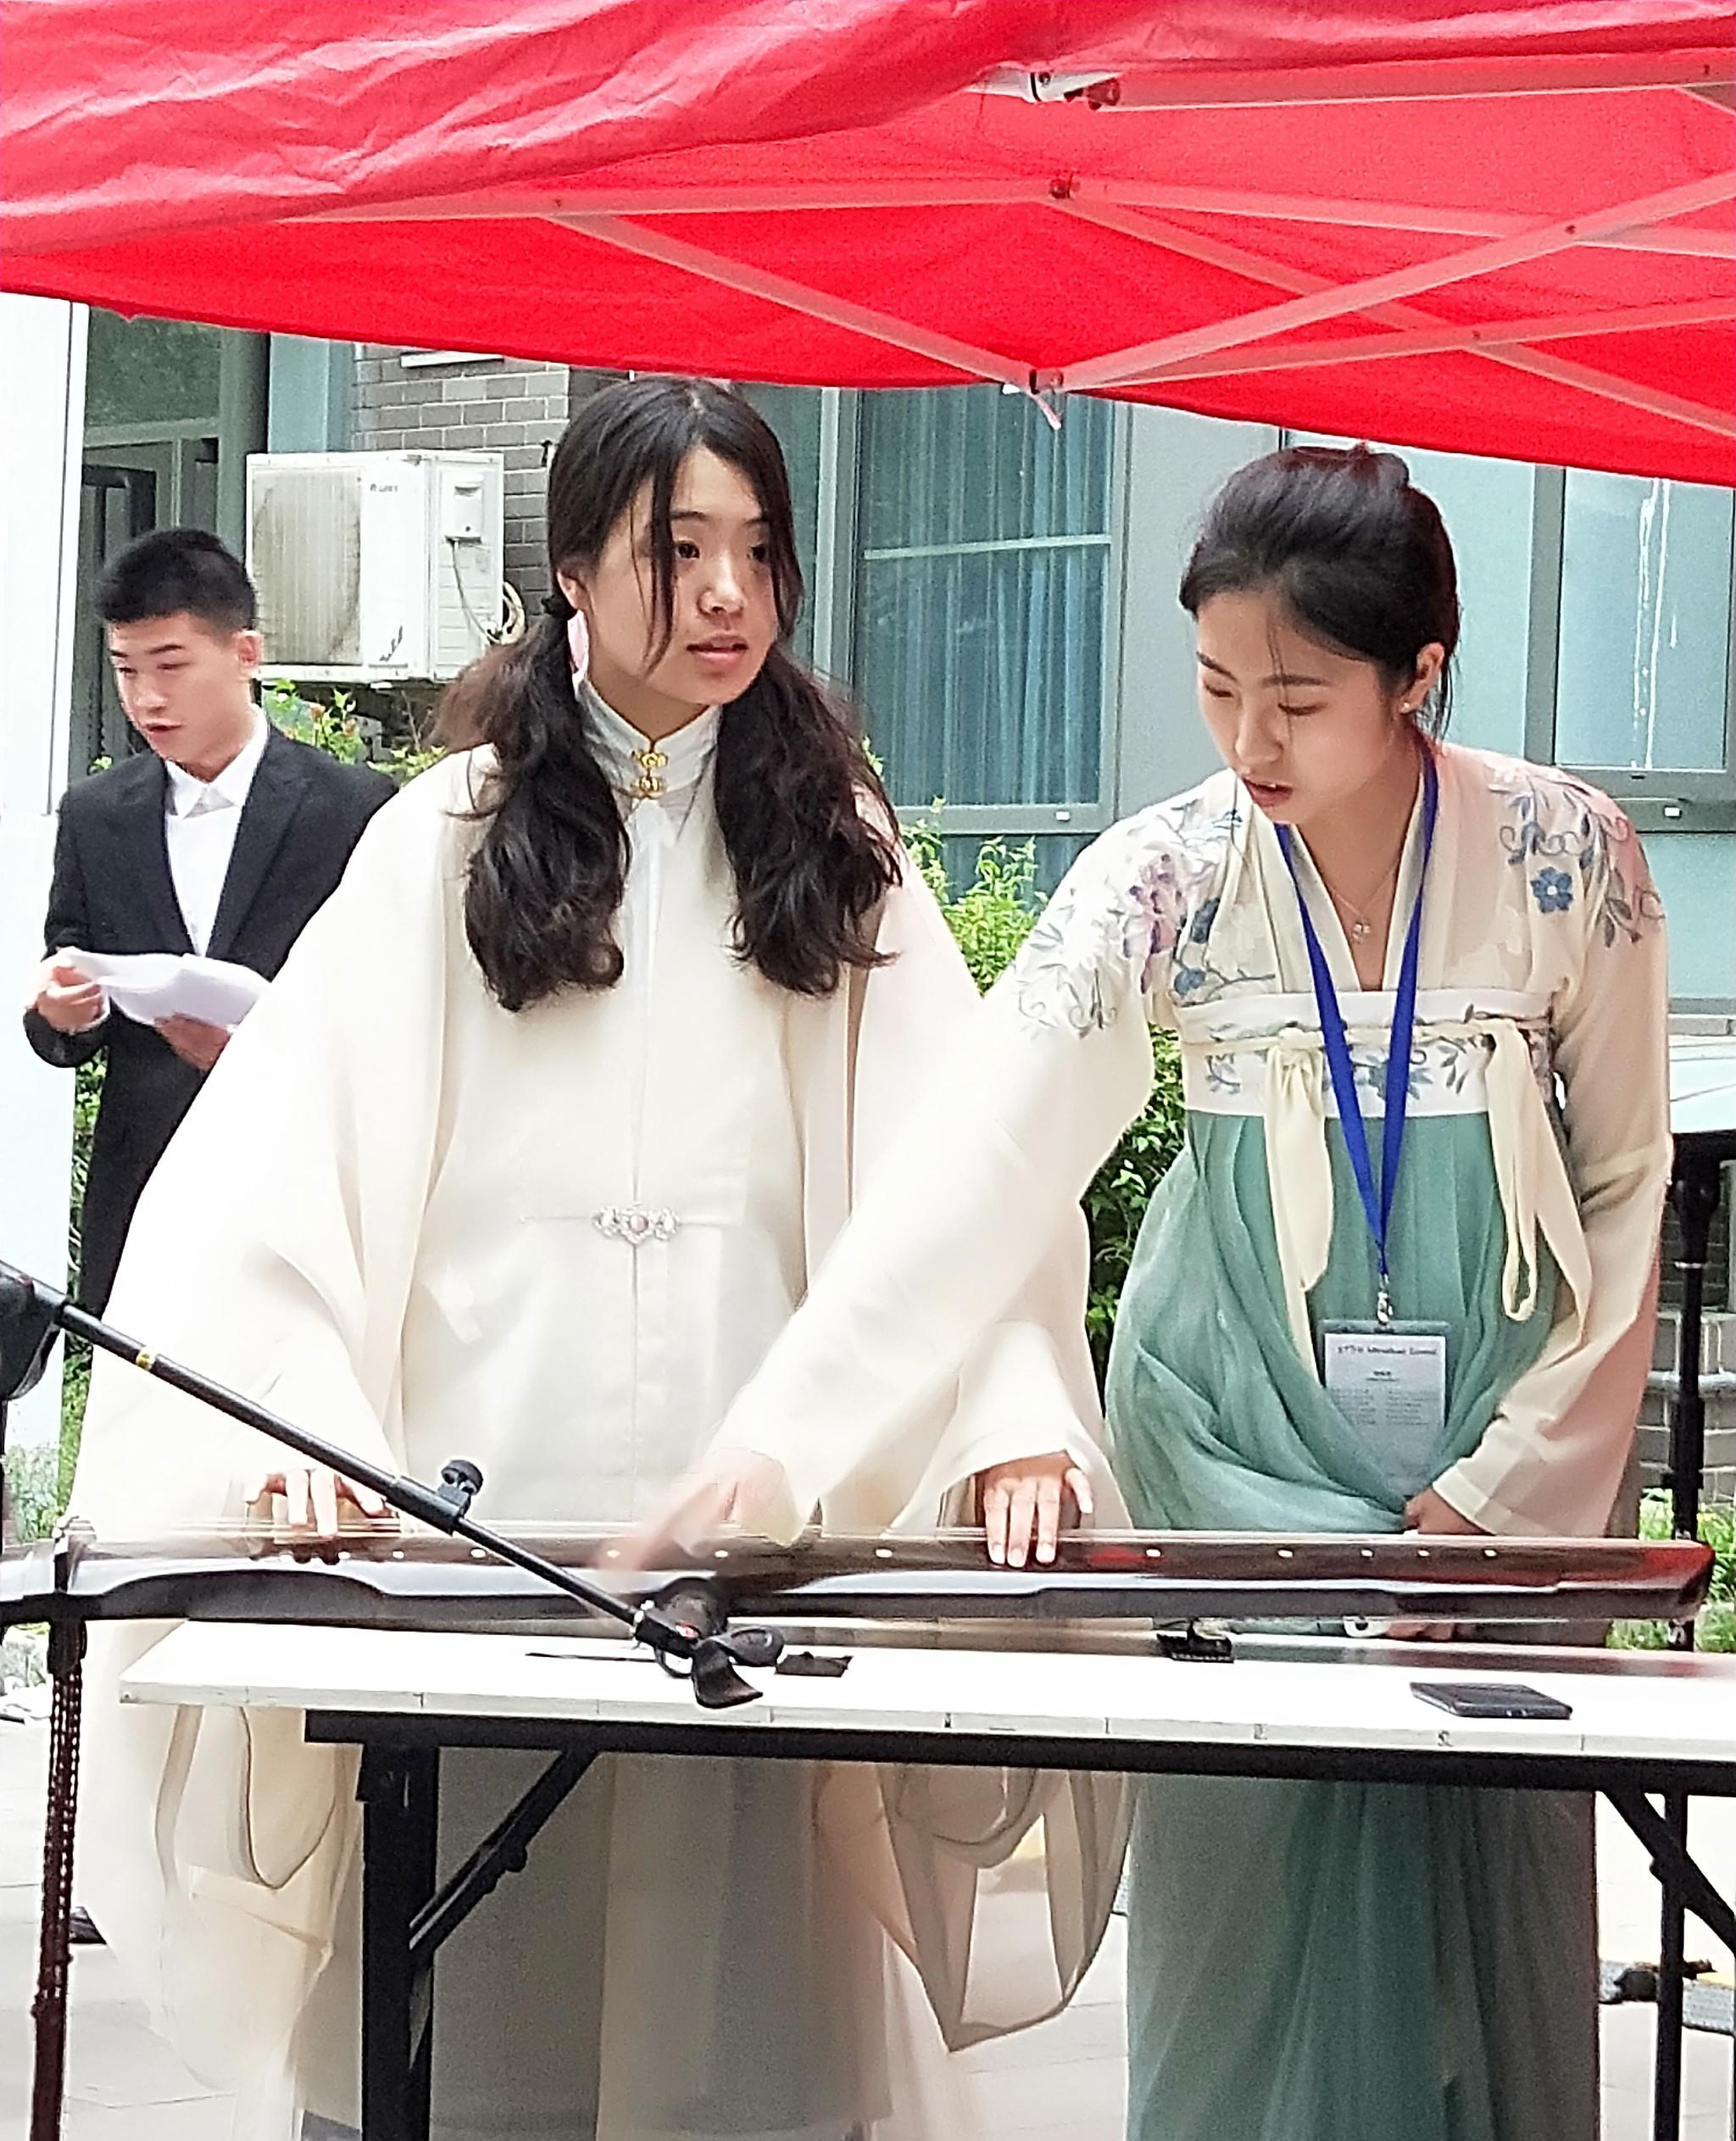 北京外国语大学2019年留学生嘉年华活动掠影